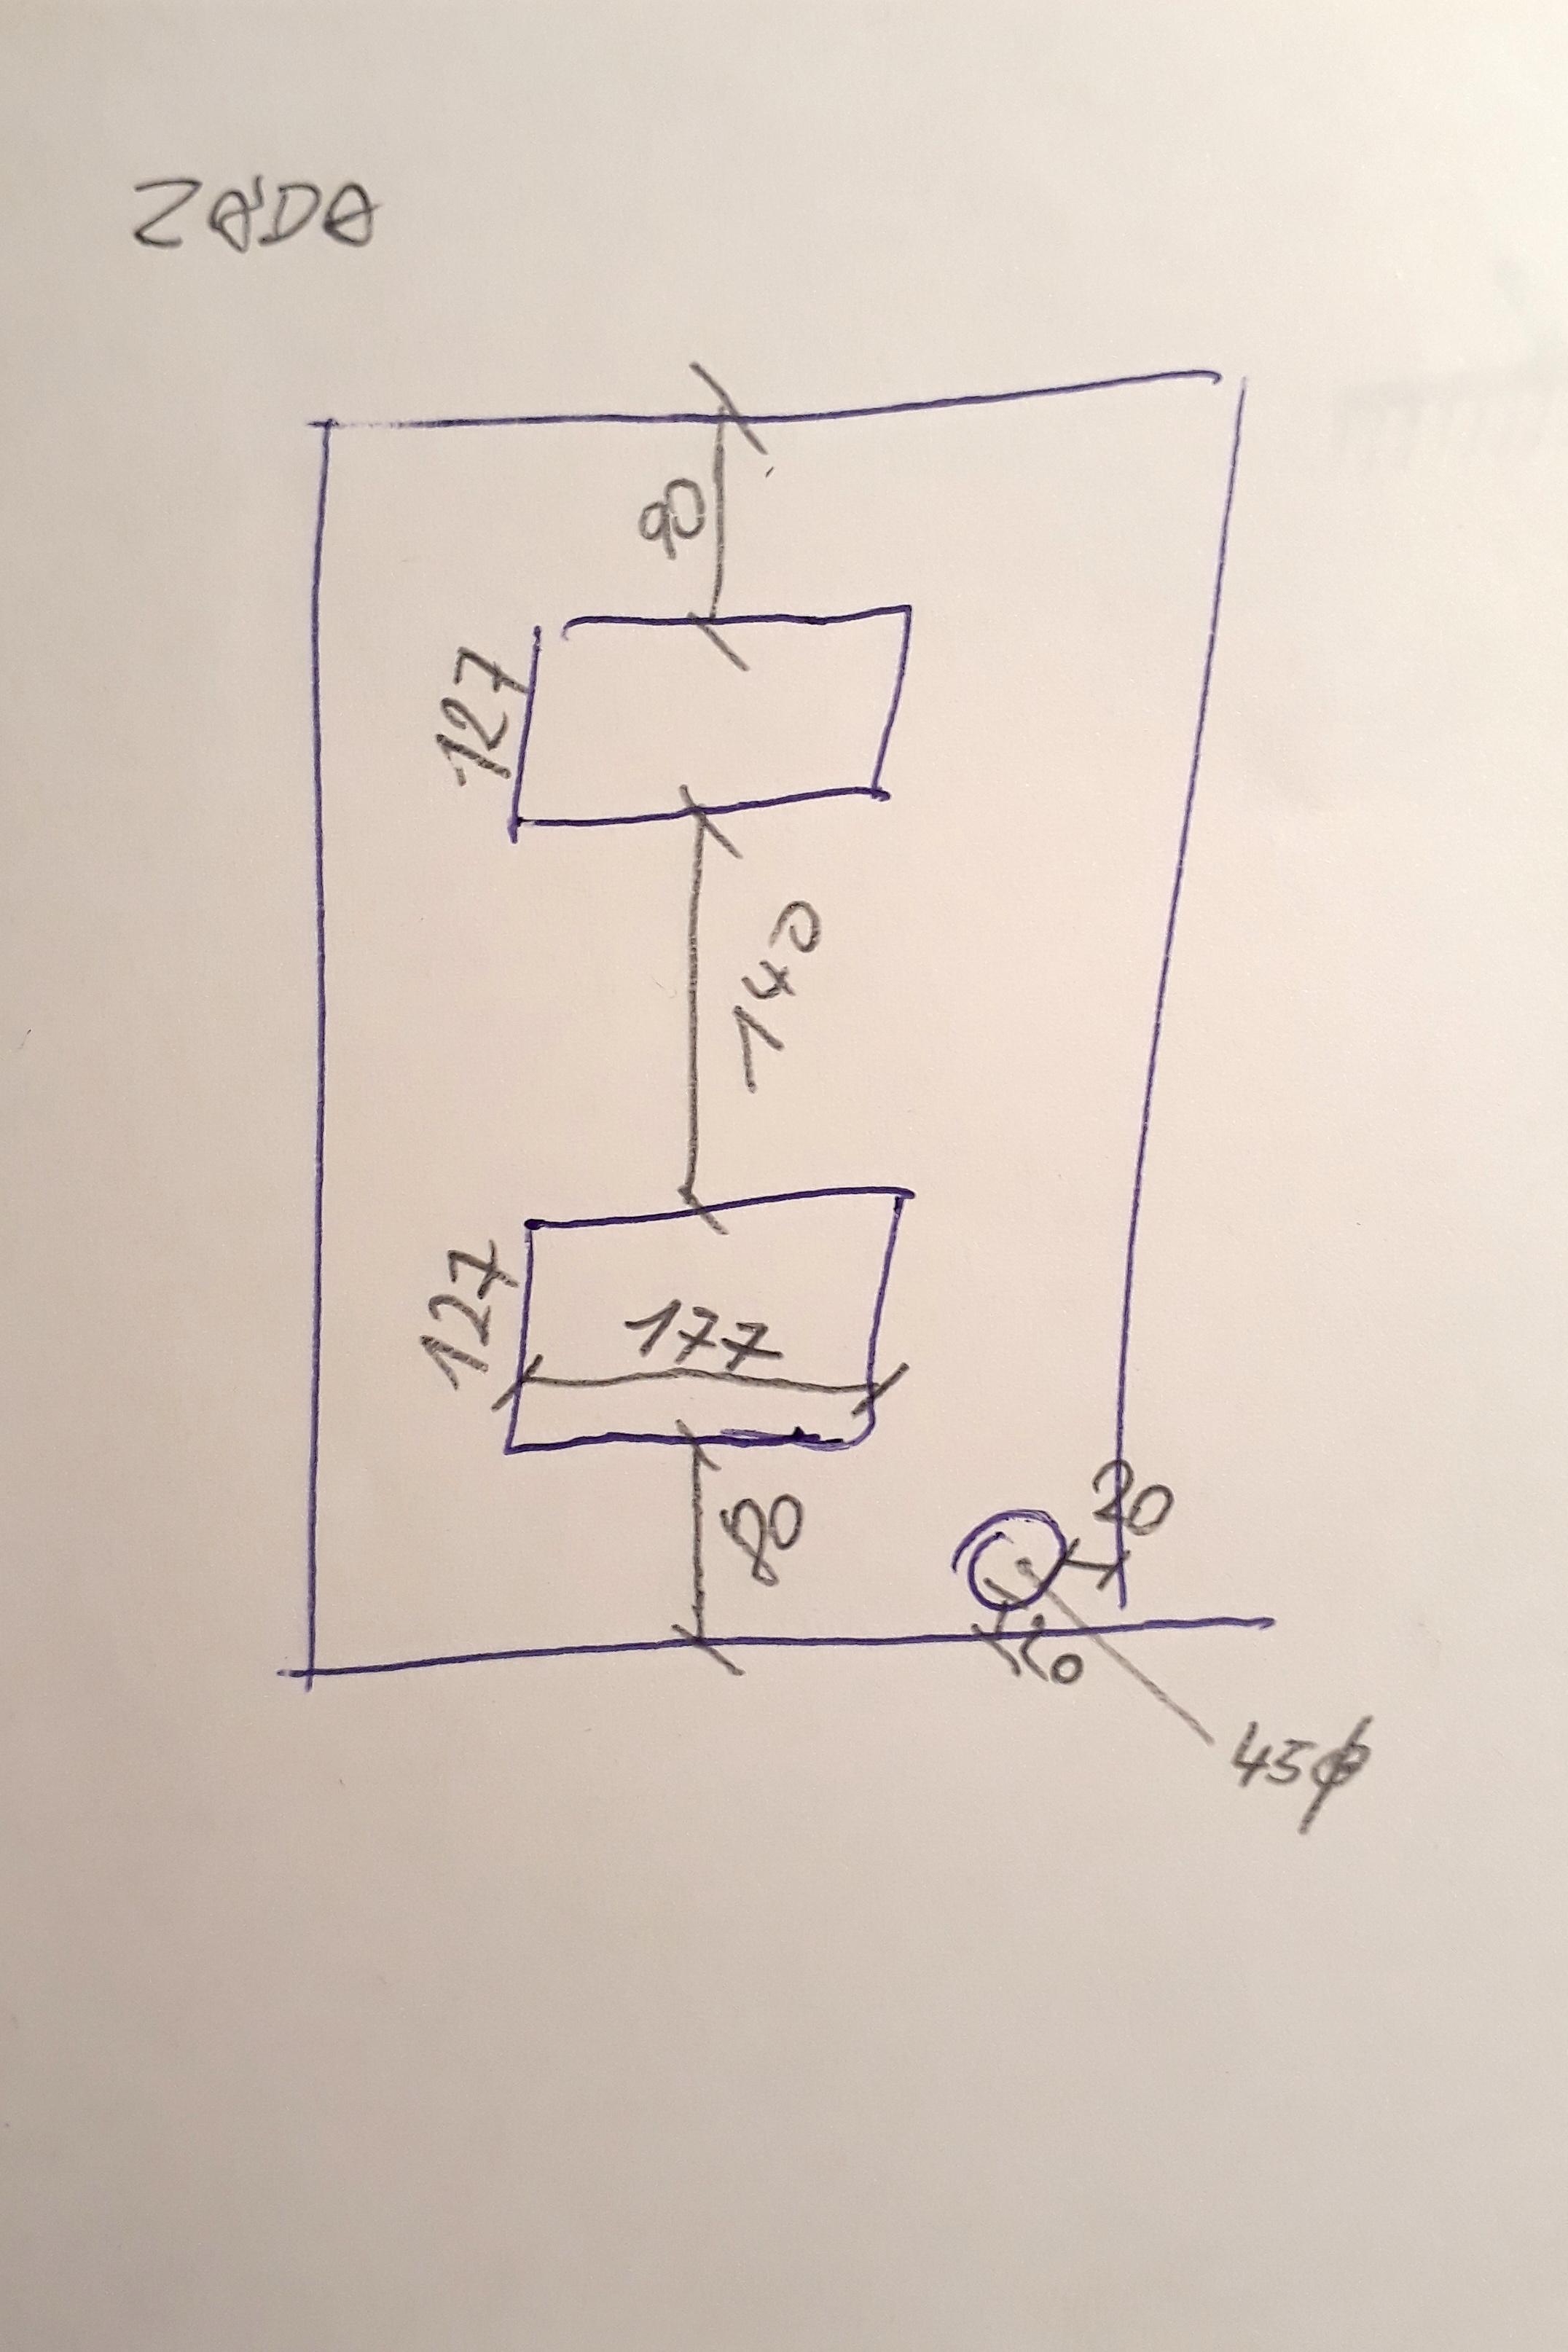 náčrt fotokiosku